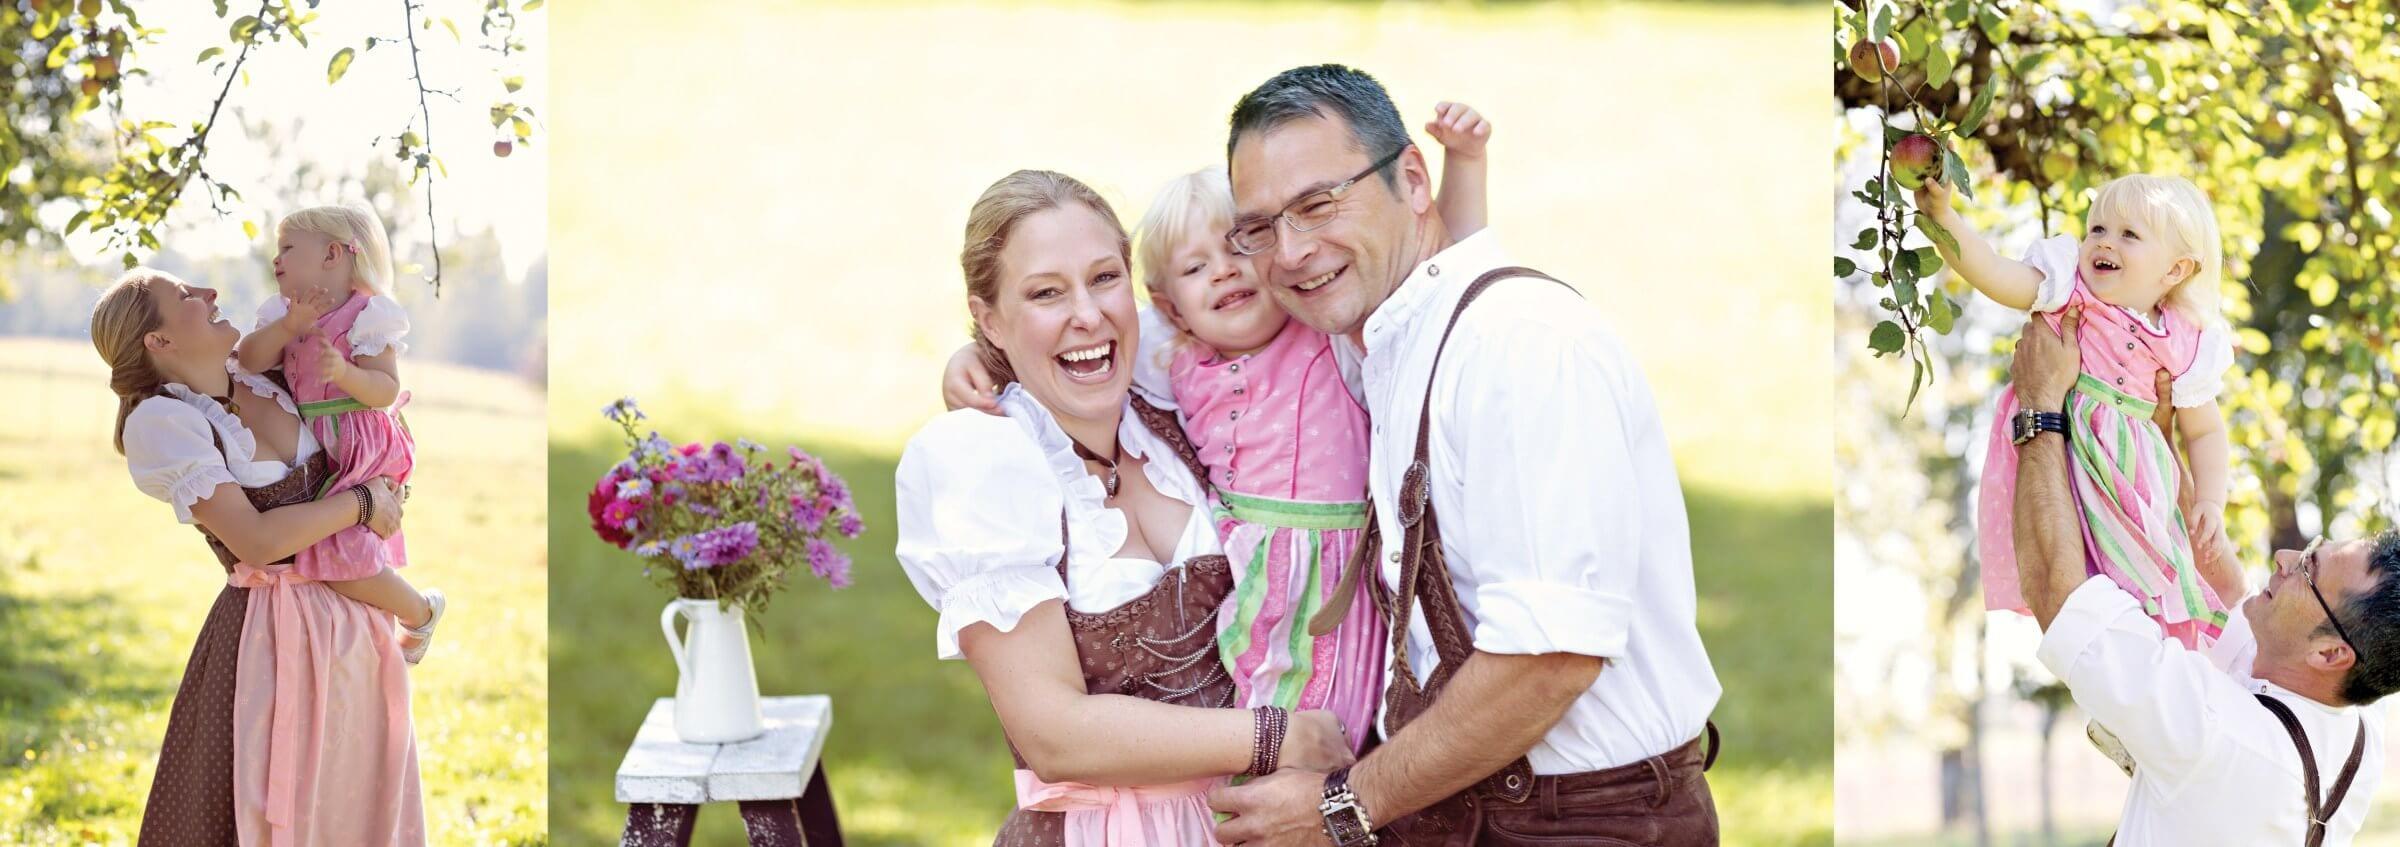 Familienfotoshooting in Muenchen bei Carmen Bergmann Fotografie